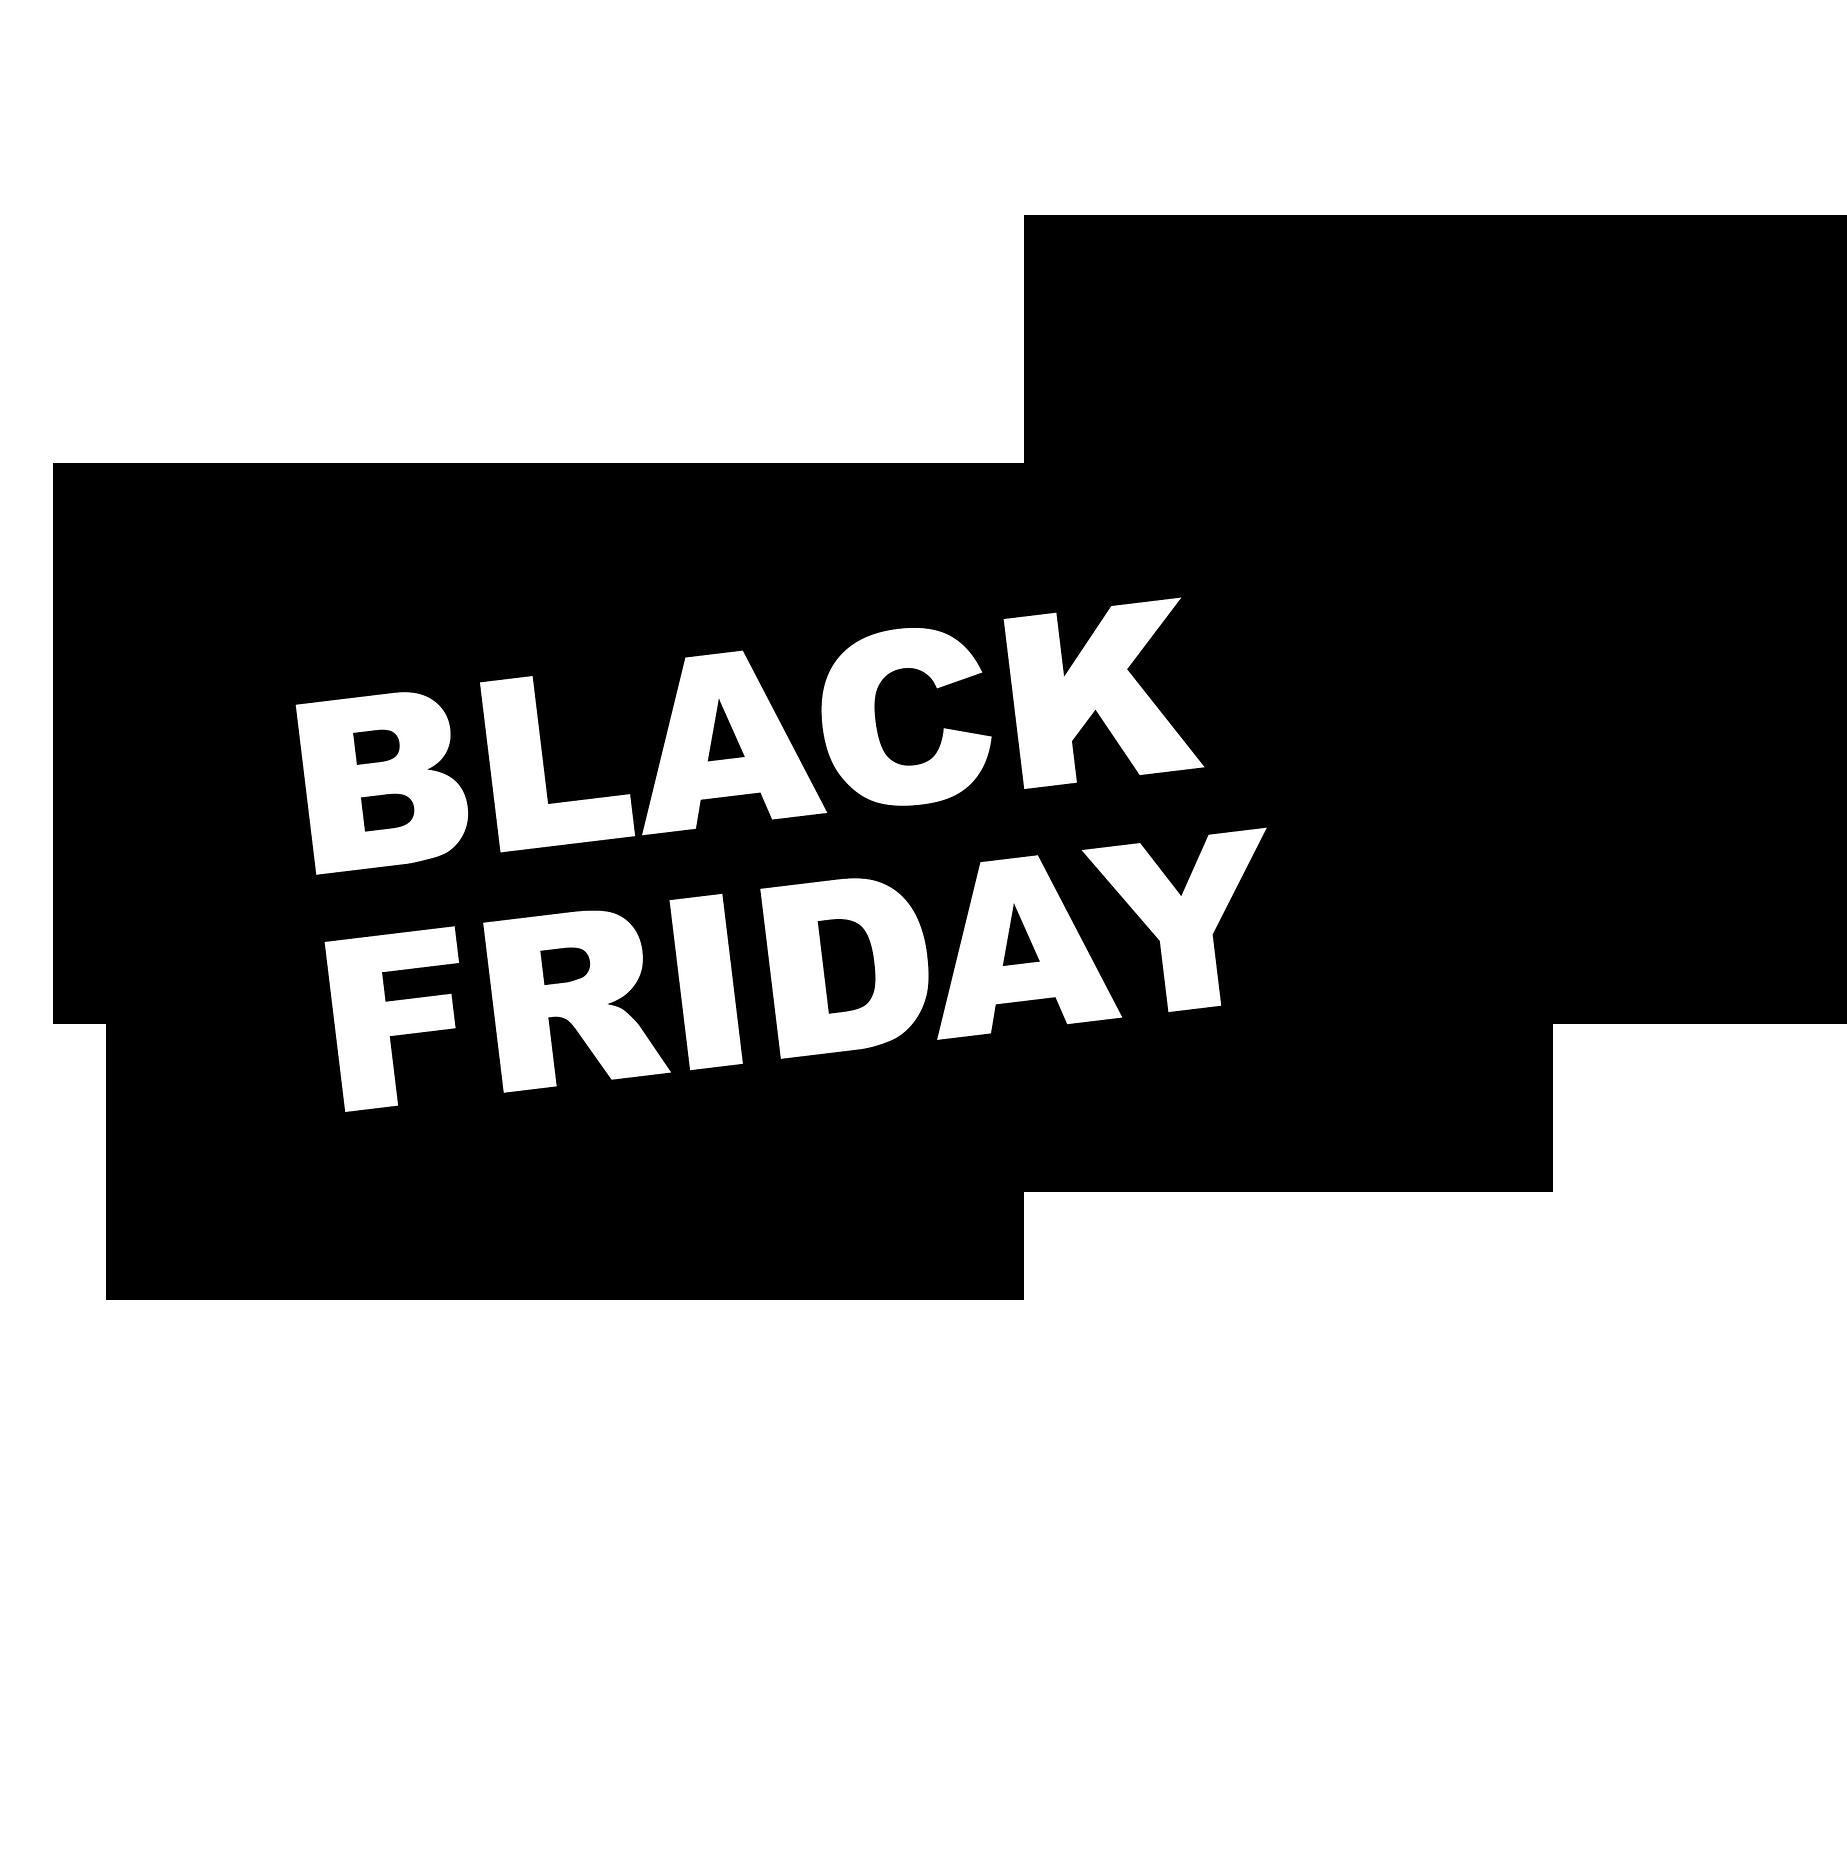 Previsioni Black Friday  vendite in Italia in calo del 13% sul 2017 - PetB2B 9e2b9c1cd7b